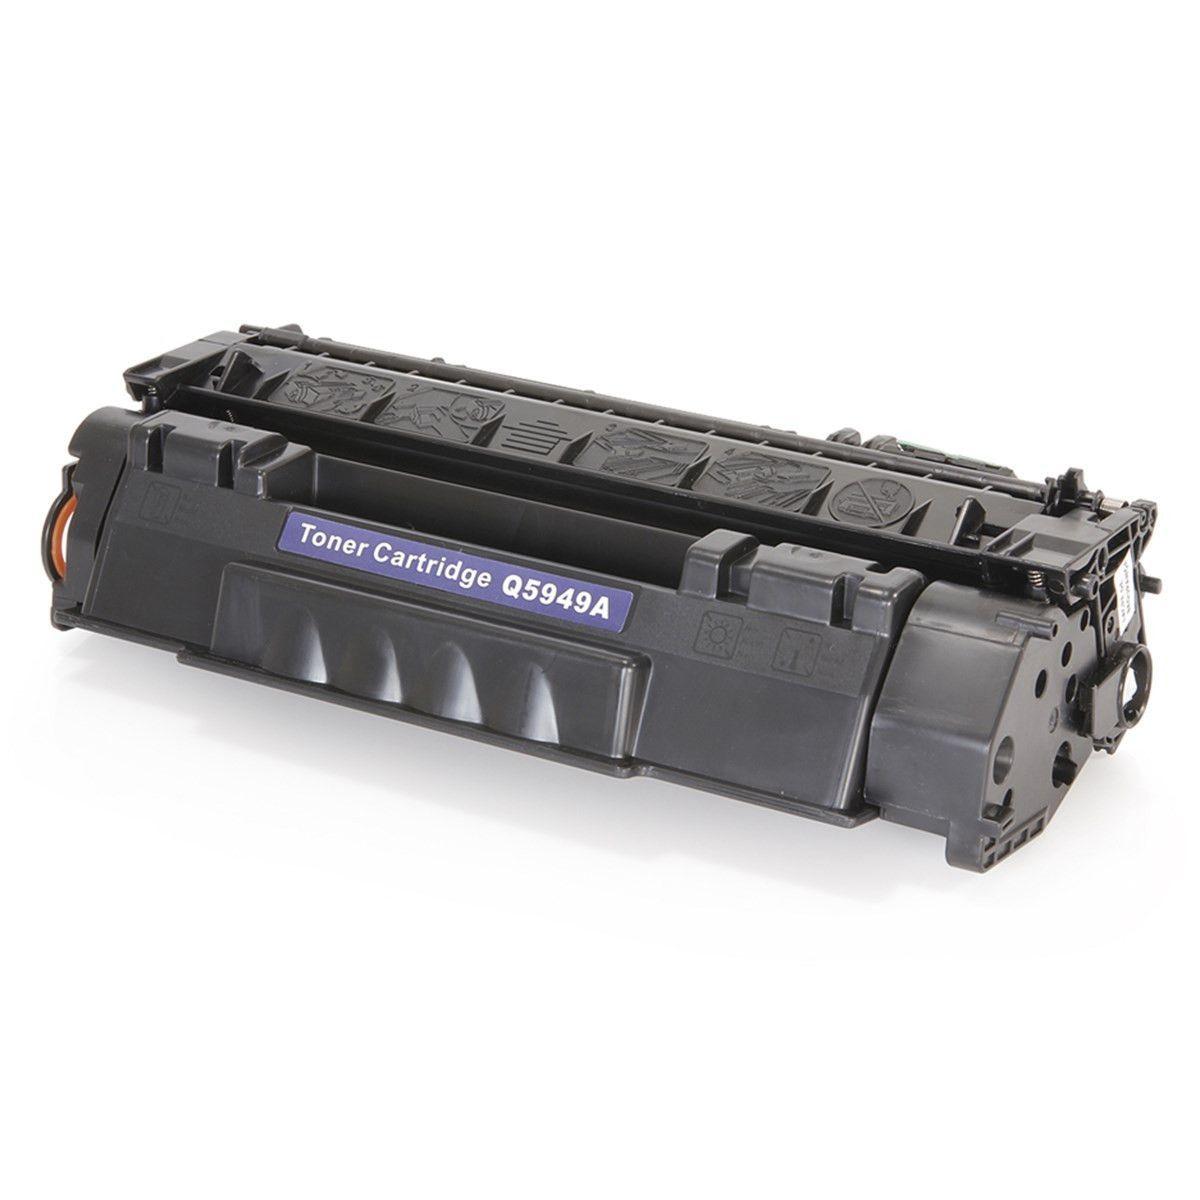 Toner Compativel com HP Q7553A 7553A 7553 - M2727 HP P2014 P2015 - 3K